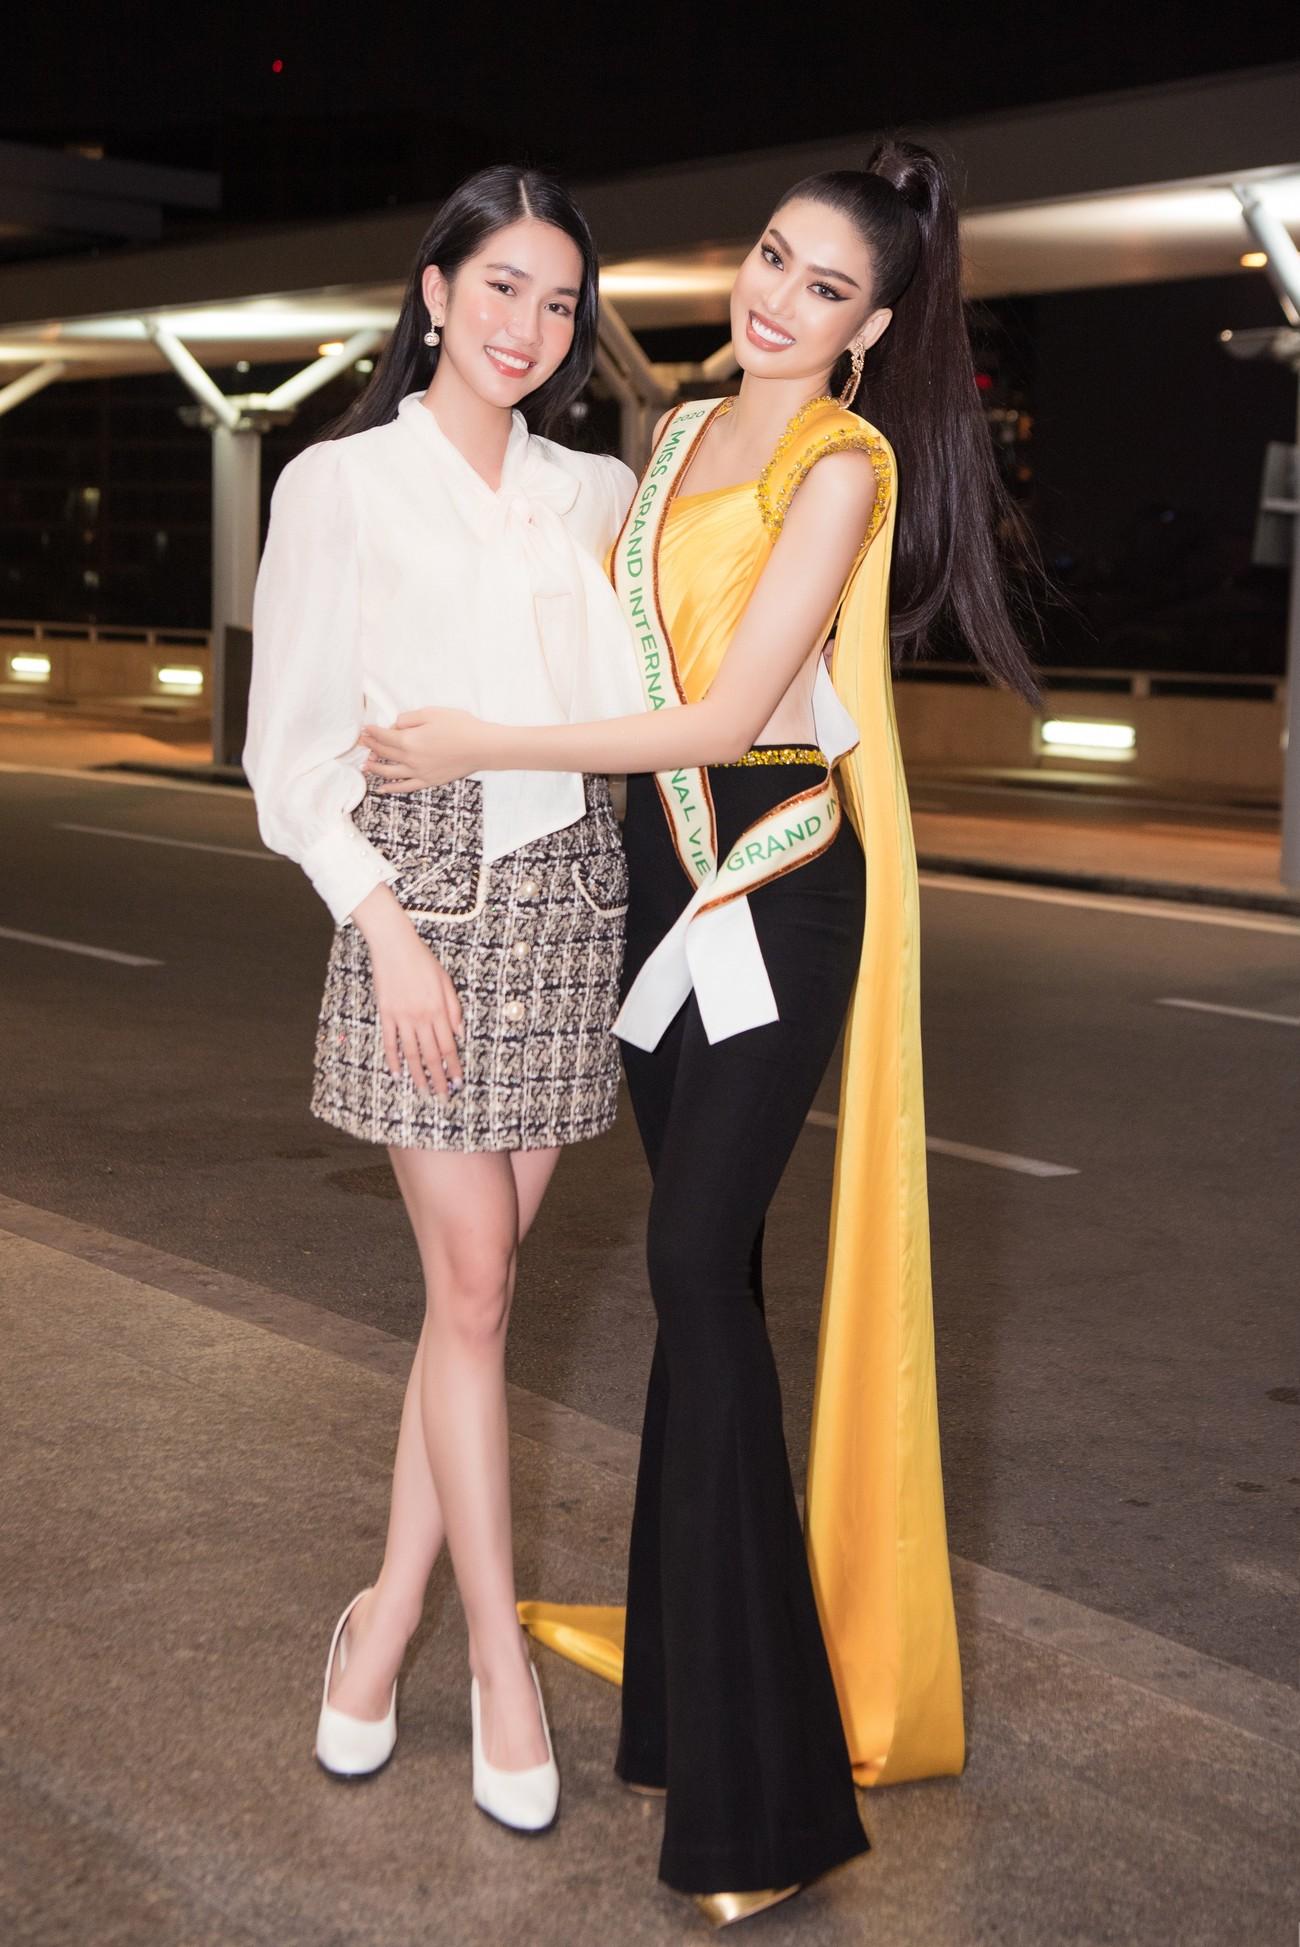 Mặc đồ bảo hộ bay sang Thái Lan thi Miss Grand, Á hậu Ngọc Thảo vẫn xinh đẹp rạng rỡ ảnh 10